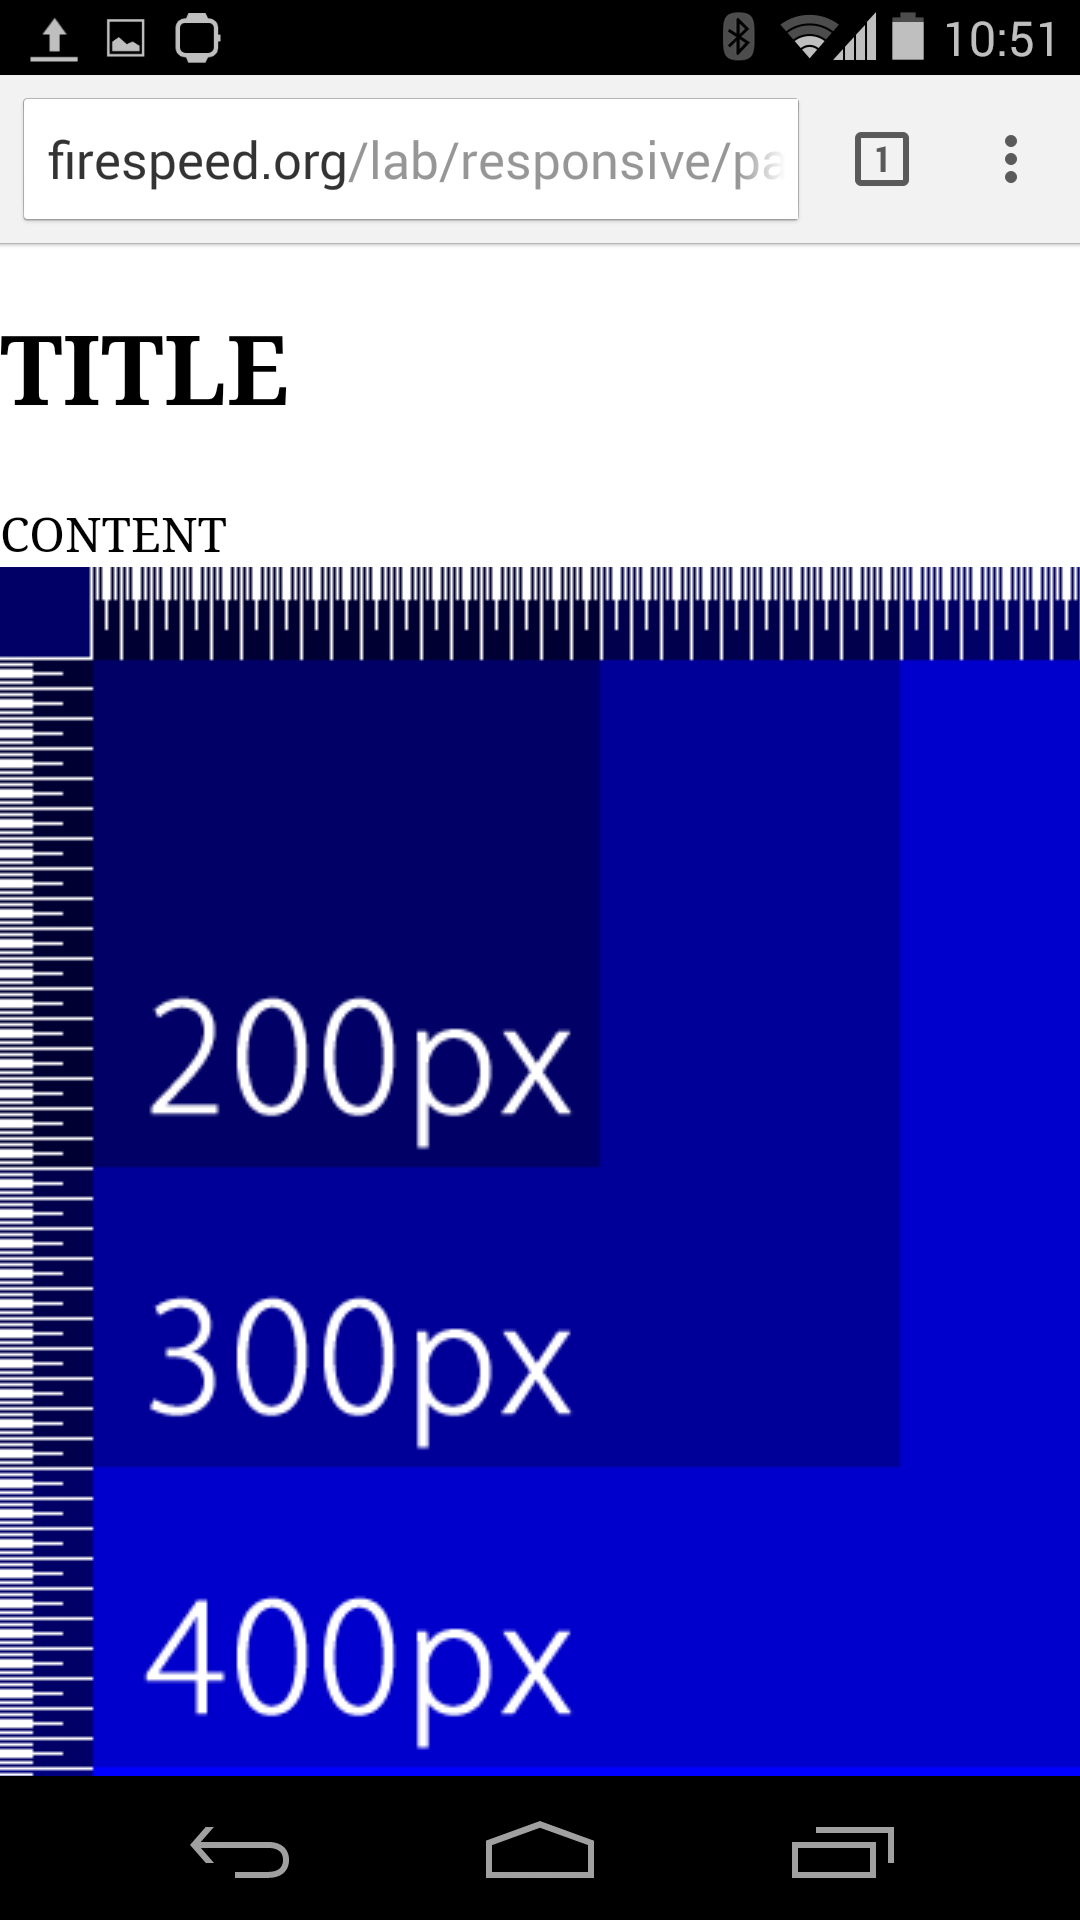 Nexus5で幅1000pxの画像を表示しても縮小されず360pxまで表示されるようになった